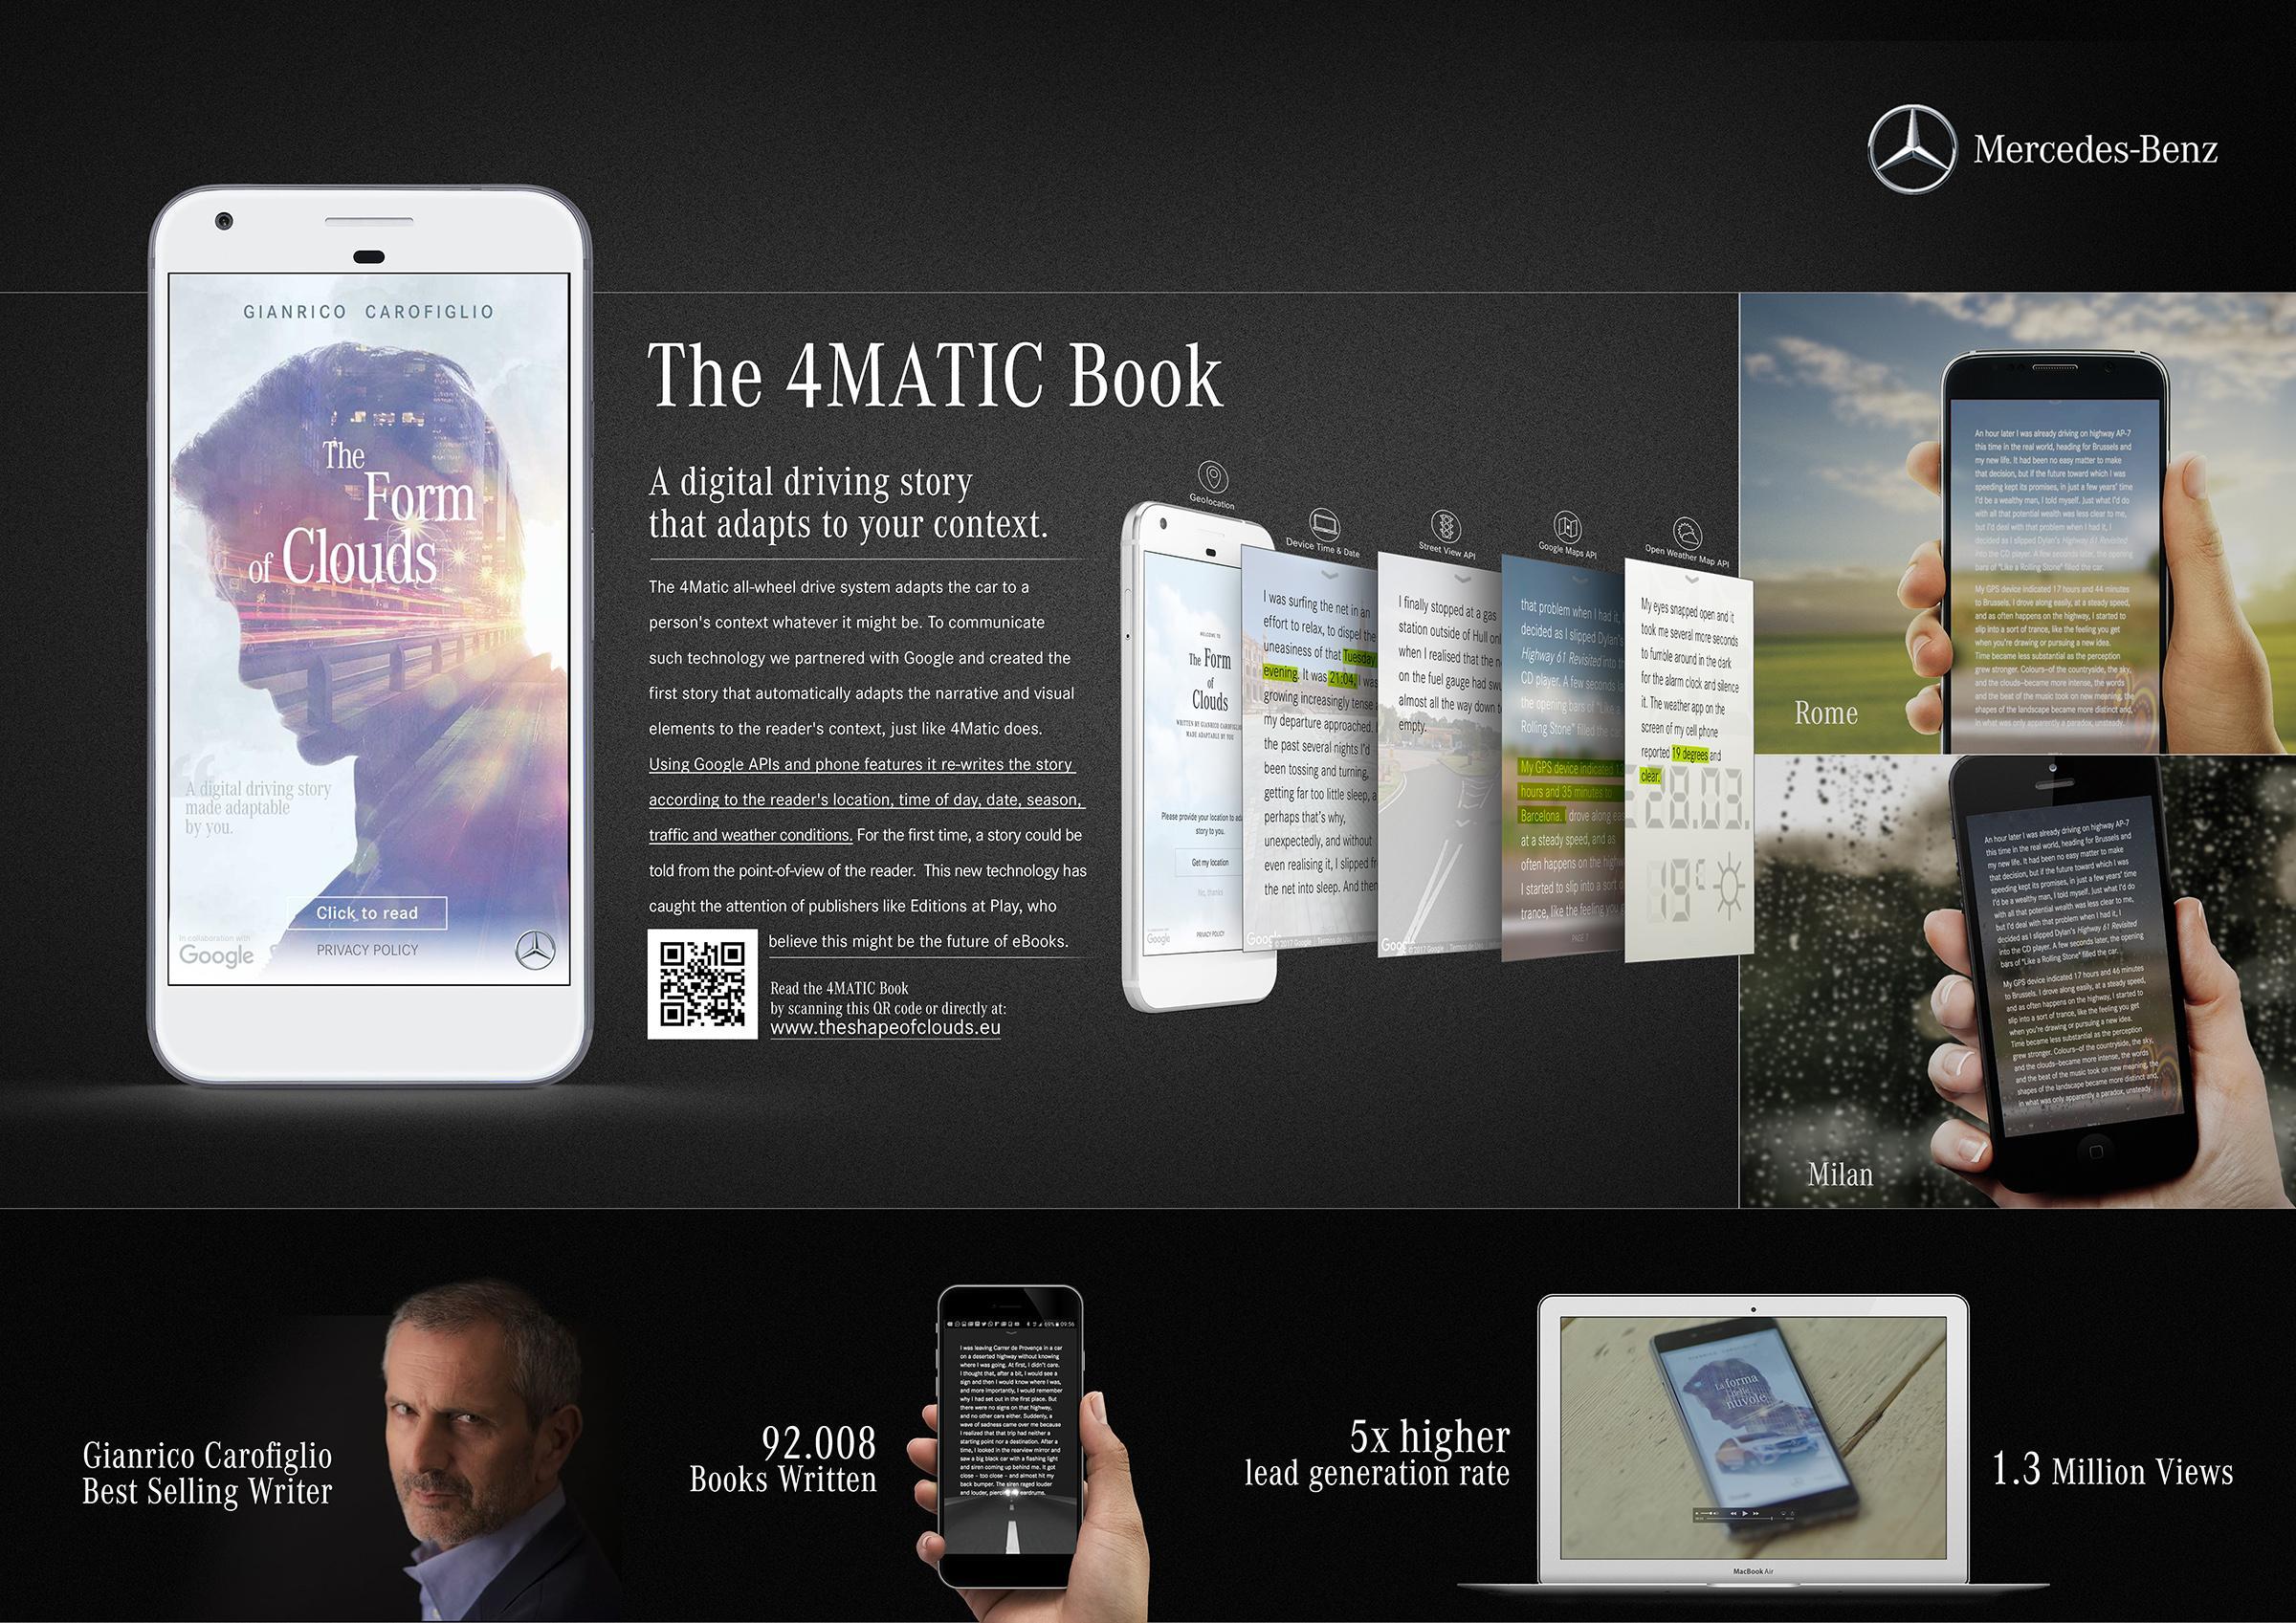 Mercedes Digital Ad - 4MATIC Adaptive Book